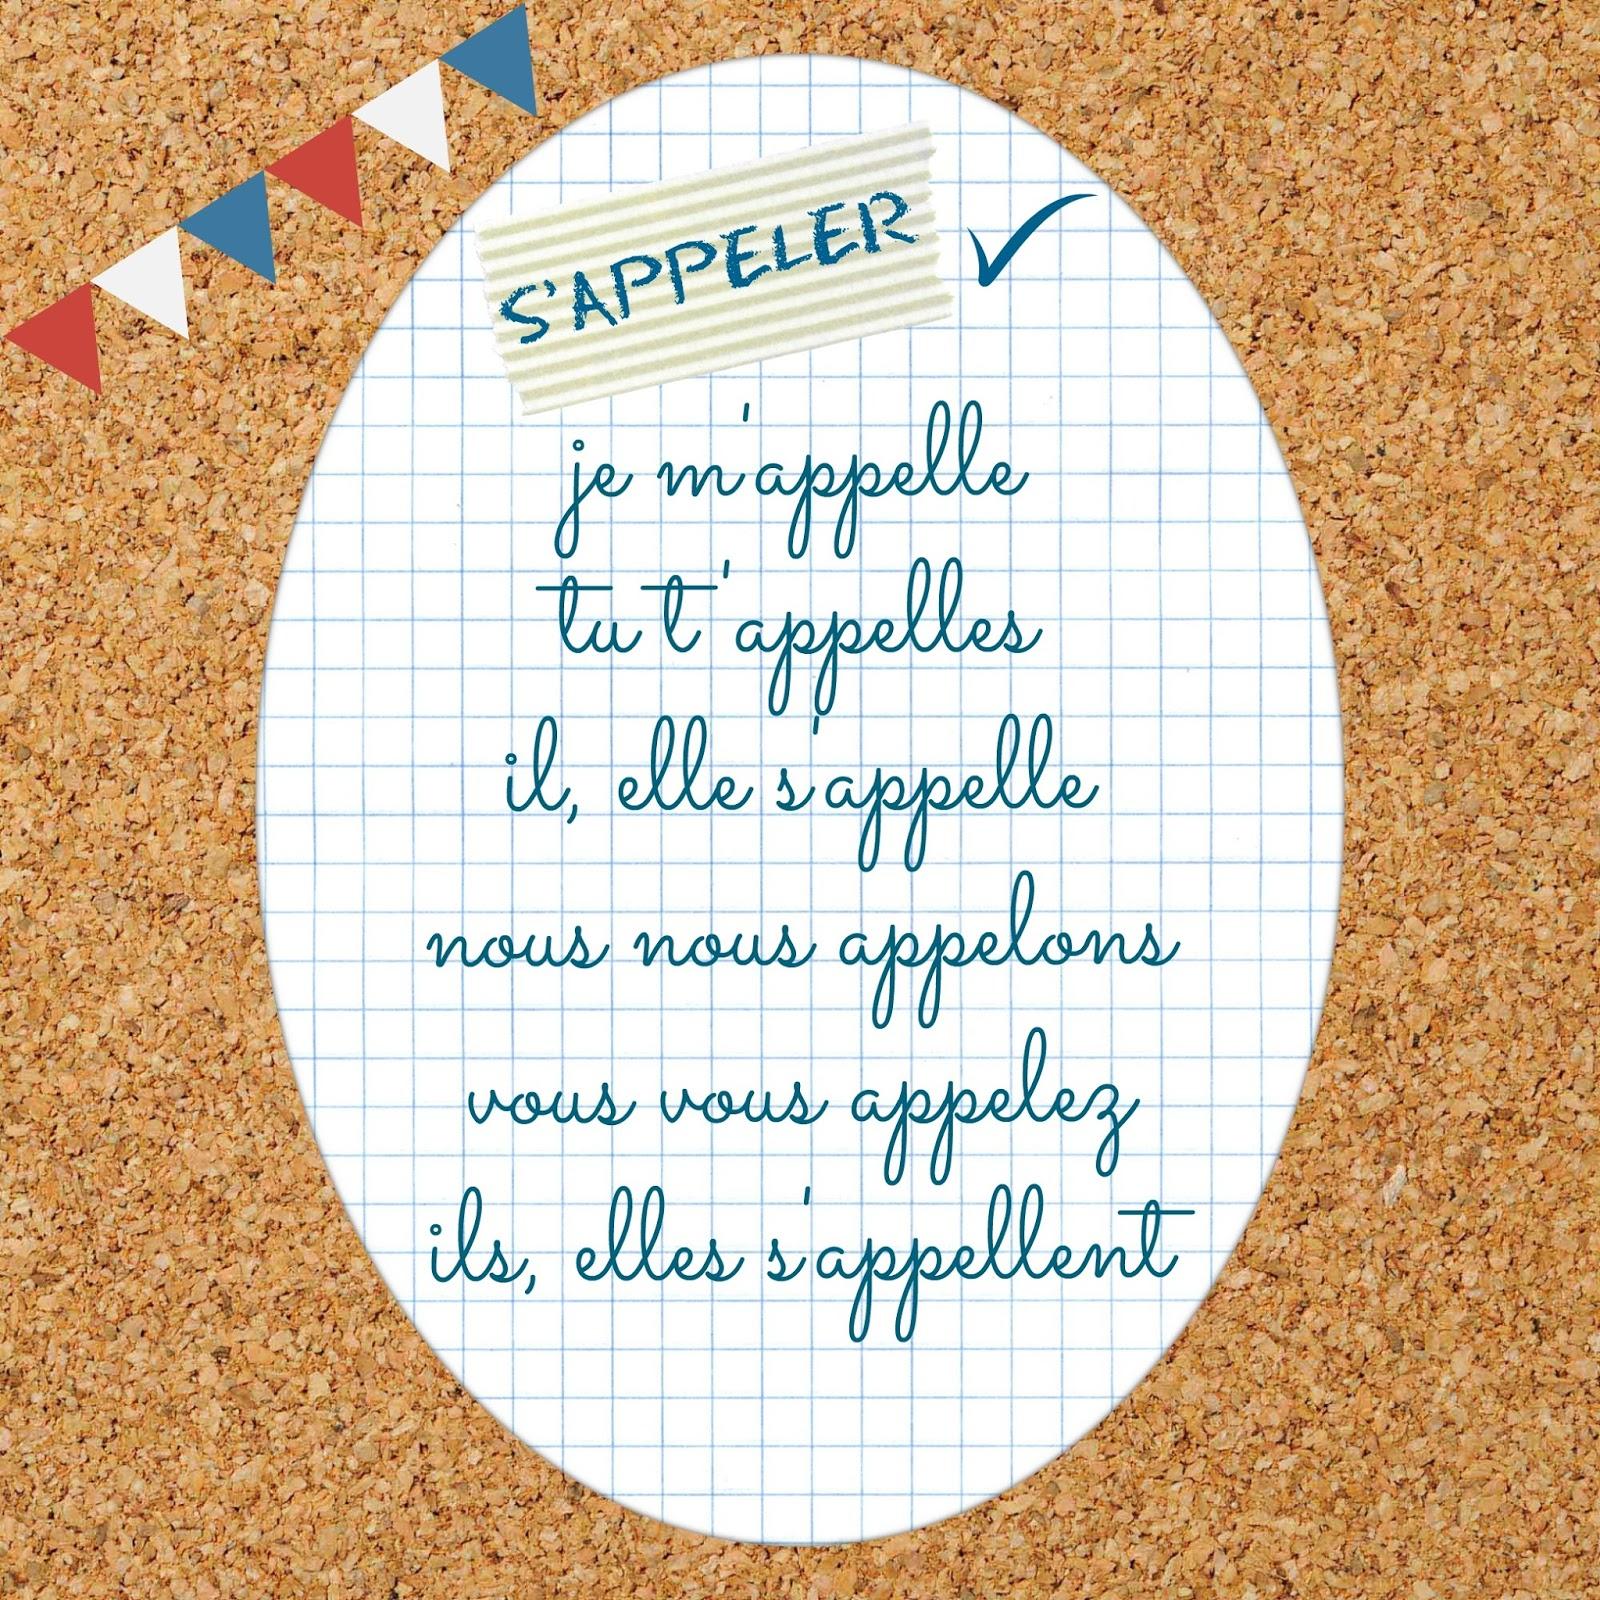 Czasowniki zwrotne - odmiana czasownika s'appeller - Francuski przy kawie